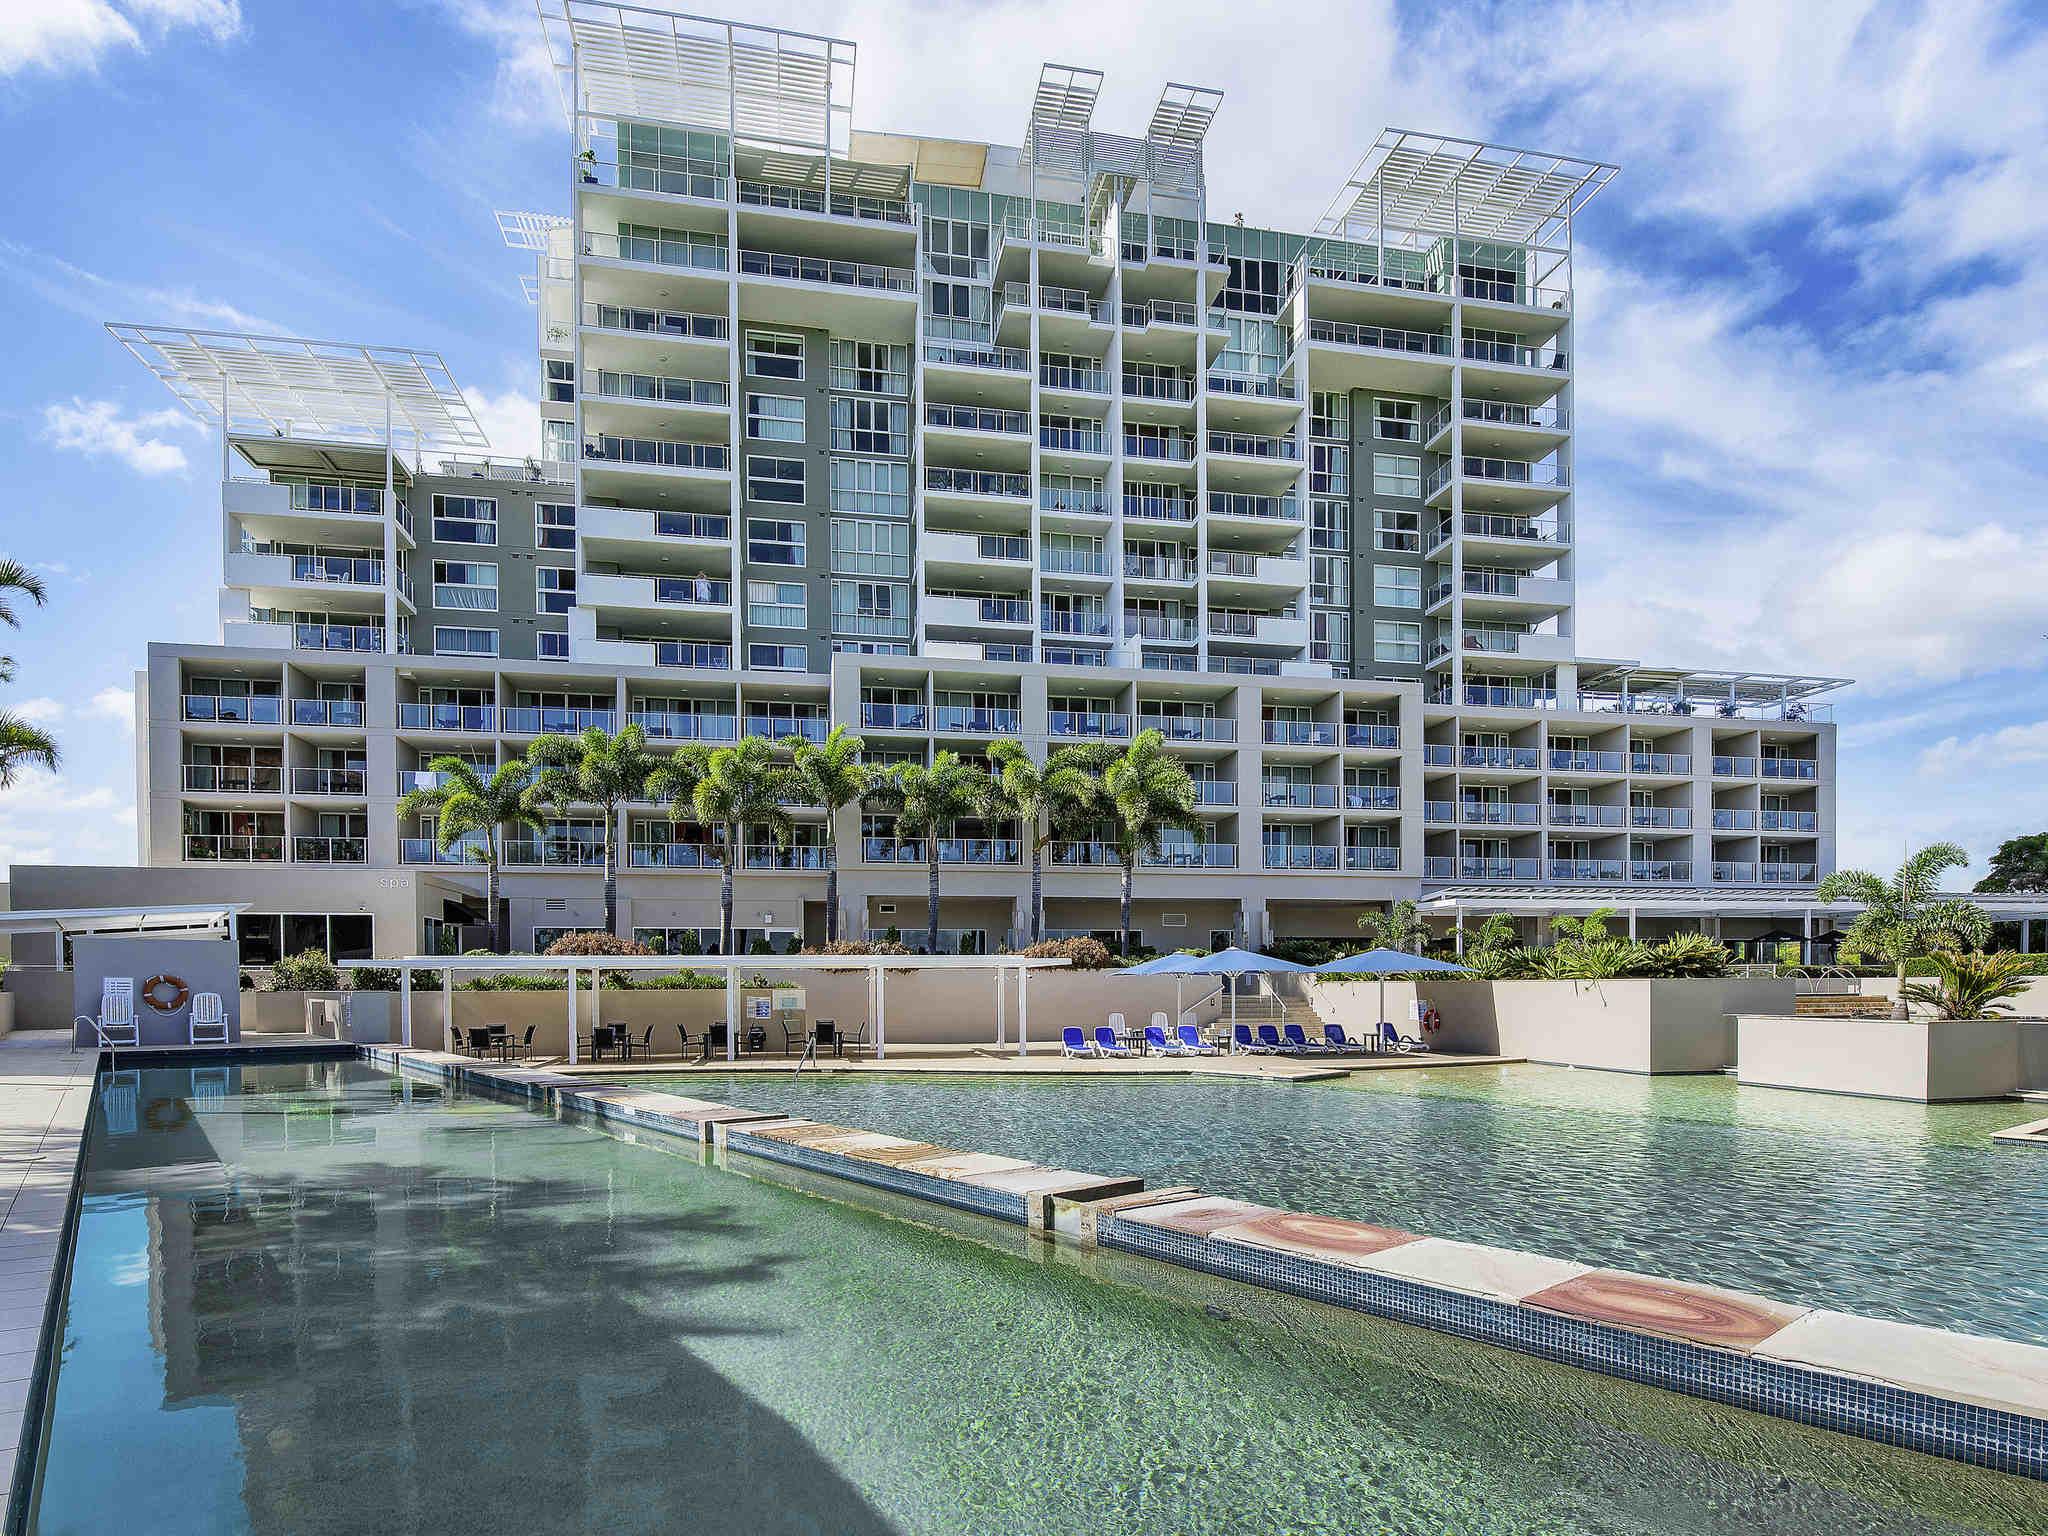 فندق - The Sebel Pelican Waters Resort